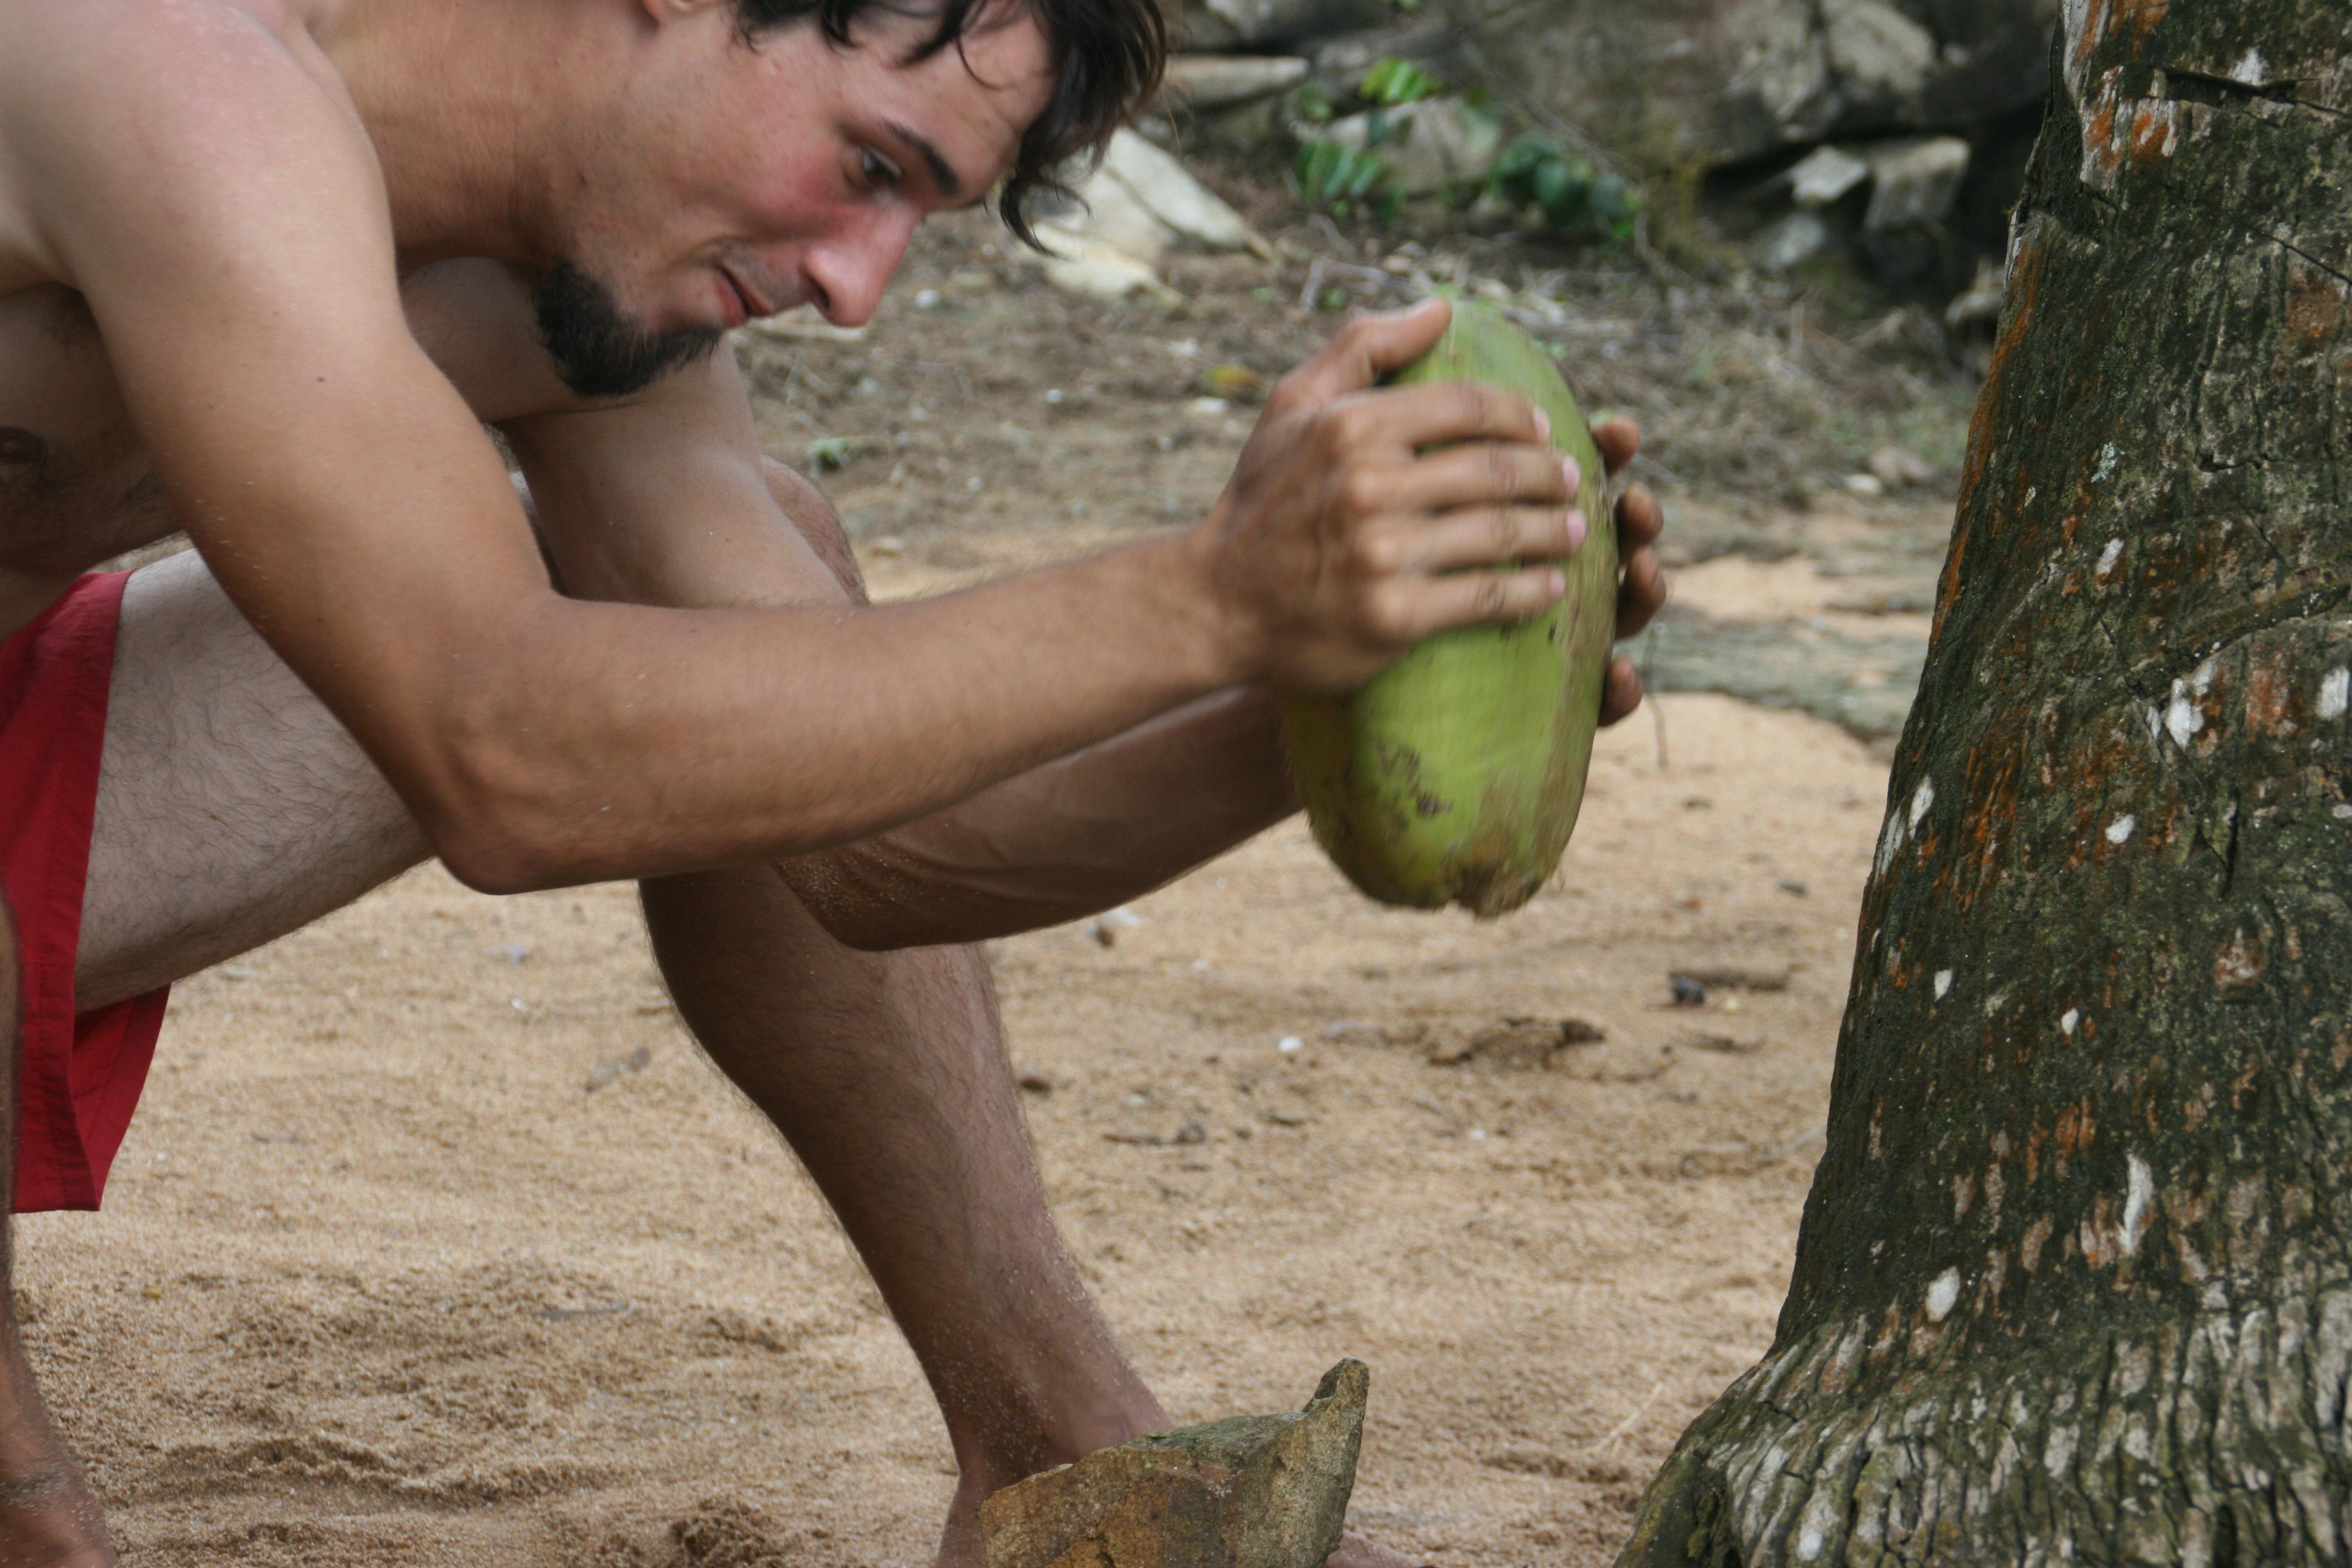 Com obrir i menjar-se un coco 3